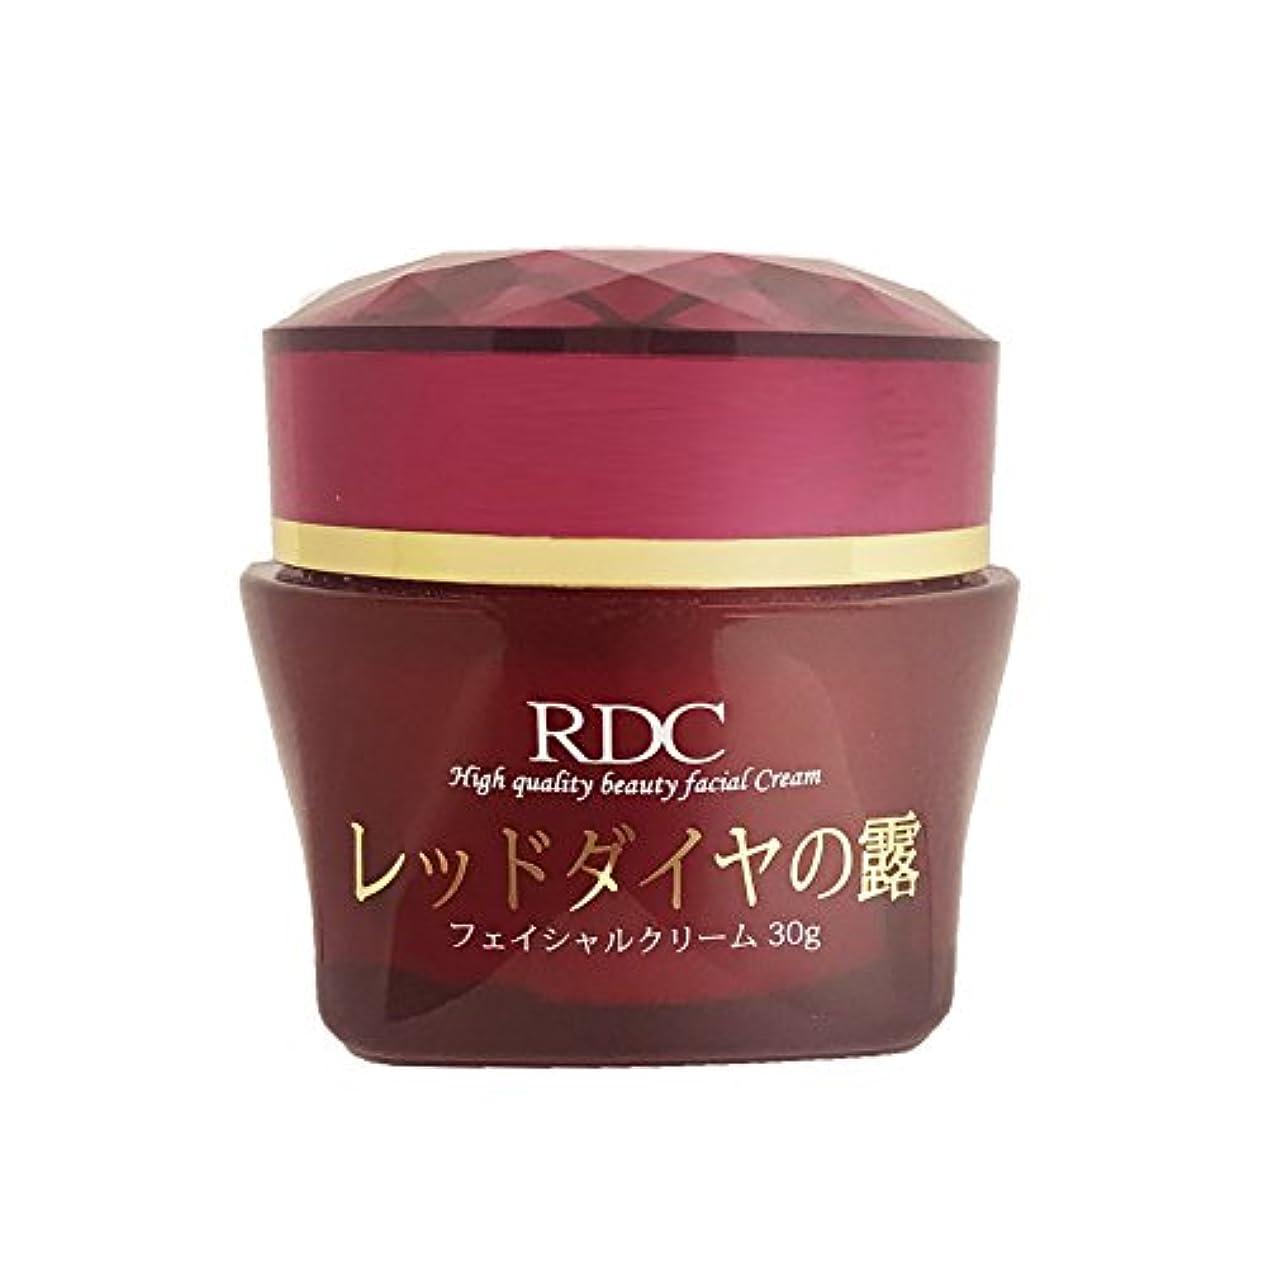 シャッフル閉じ込める乱雑なレッドダイヤの露 フェイシャルクリーム 保湿乳液 日本製